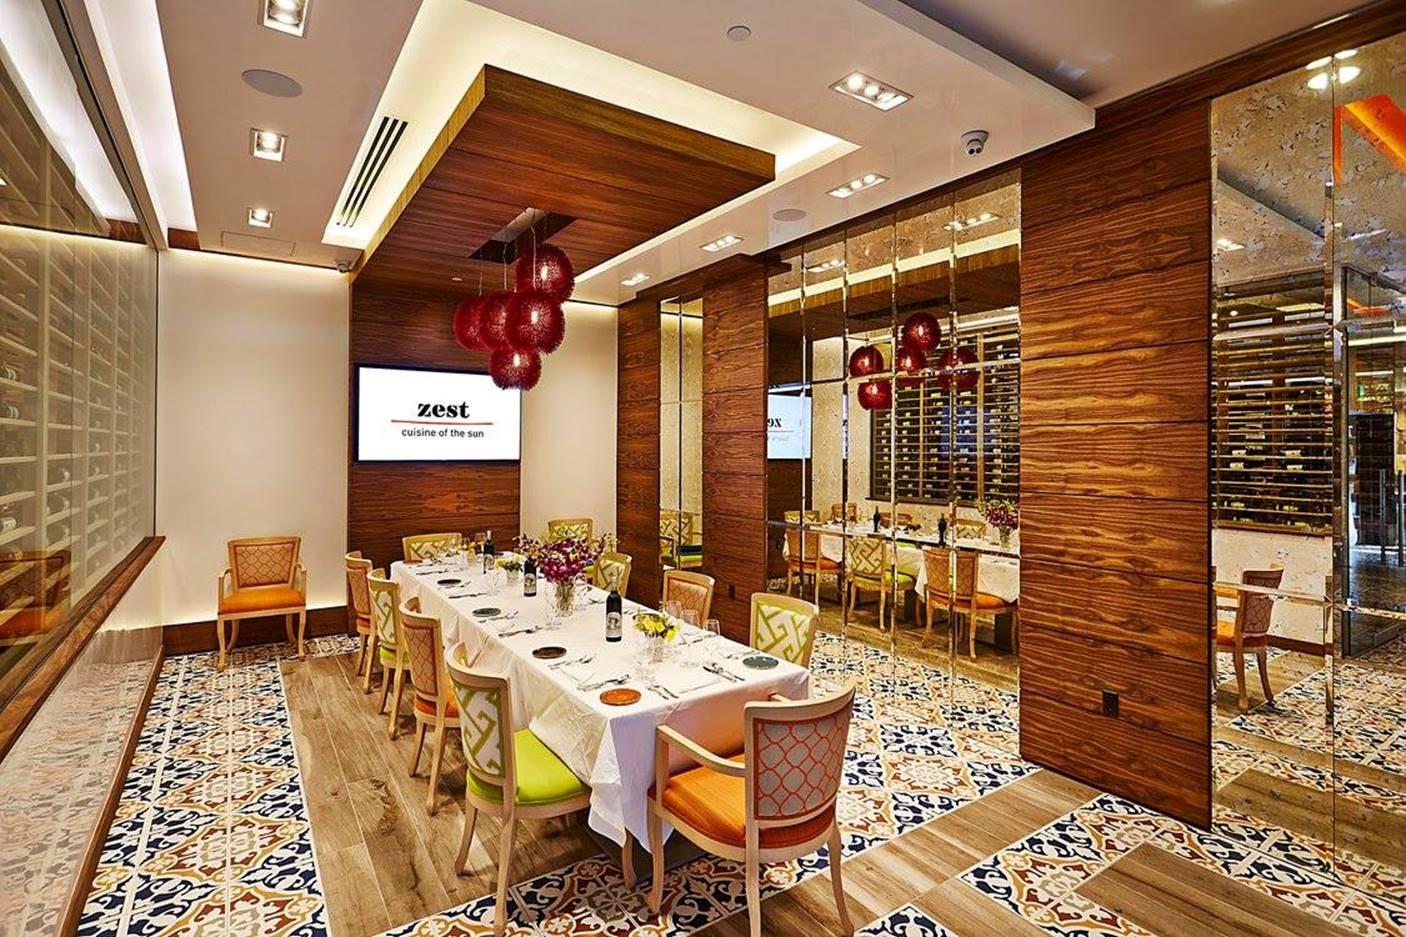 Zest Restaurant & MRKT